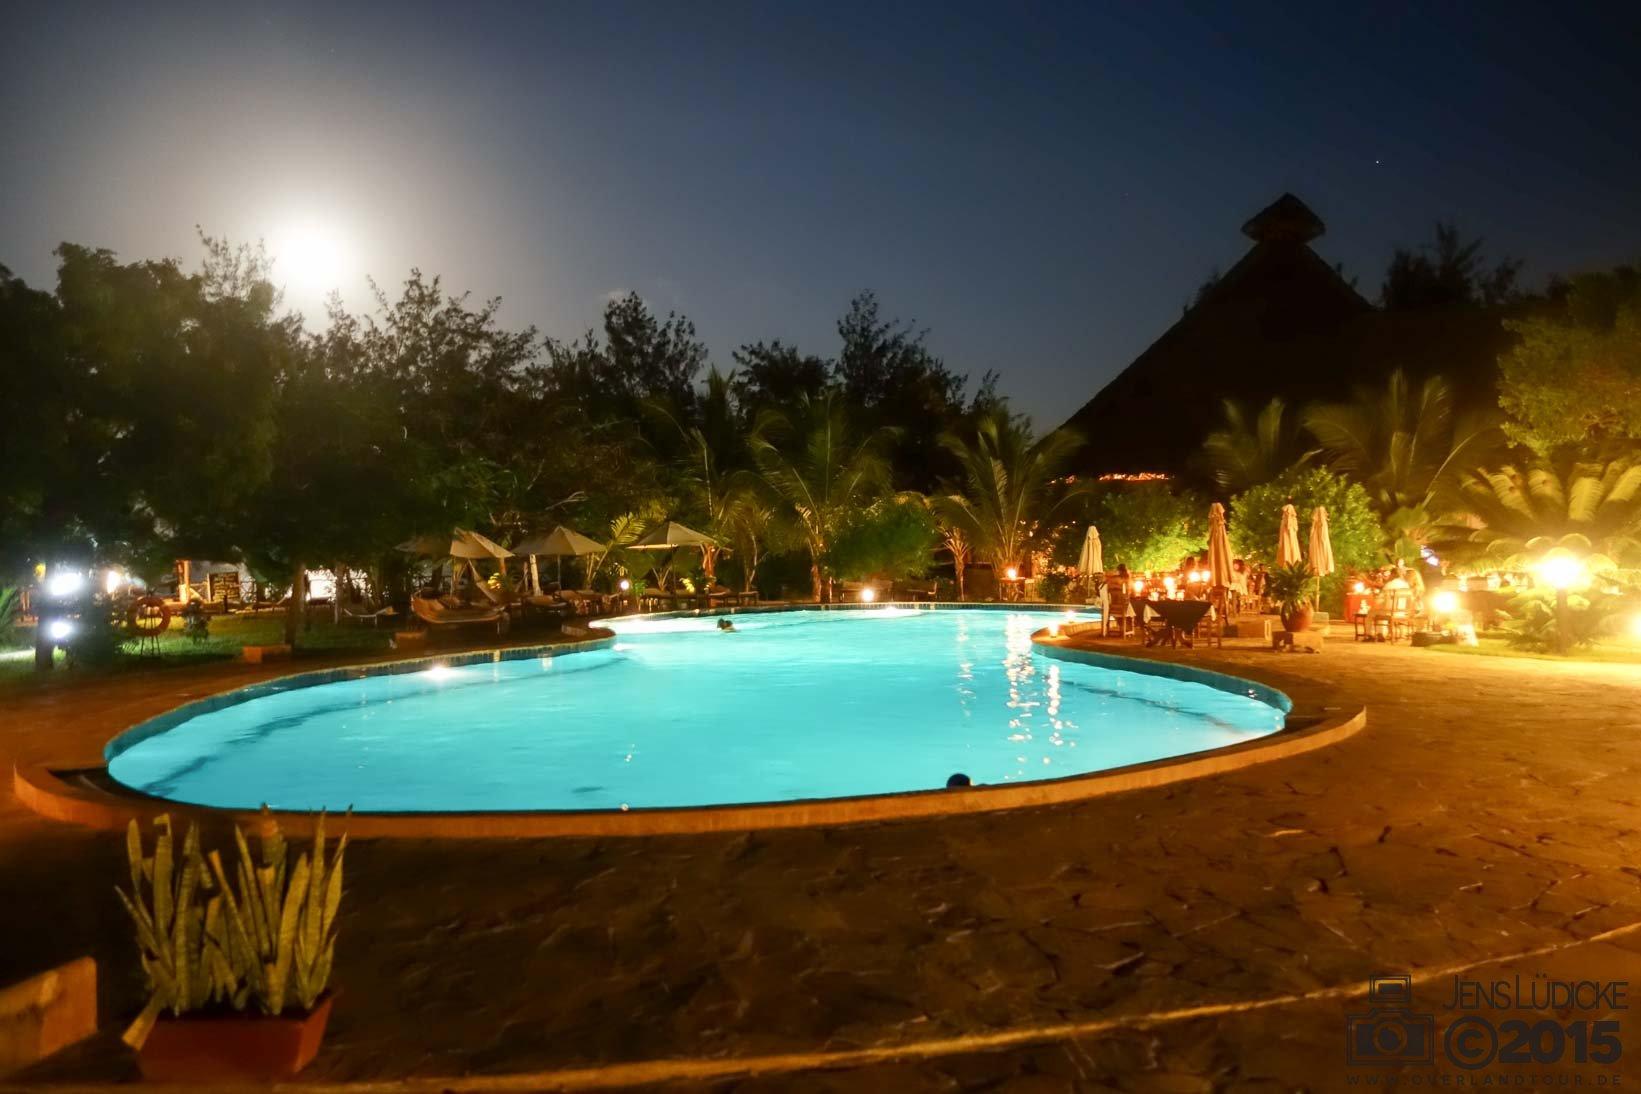 Ein Traum Abends – Abends am Pool gibt es das Barbecue